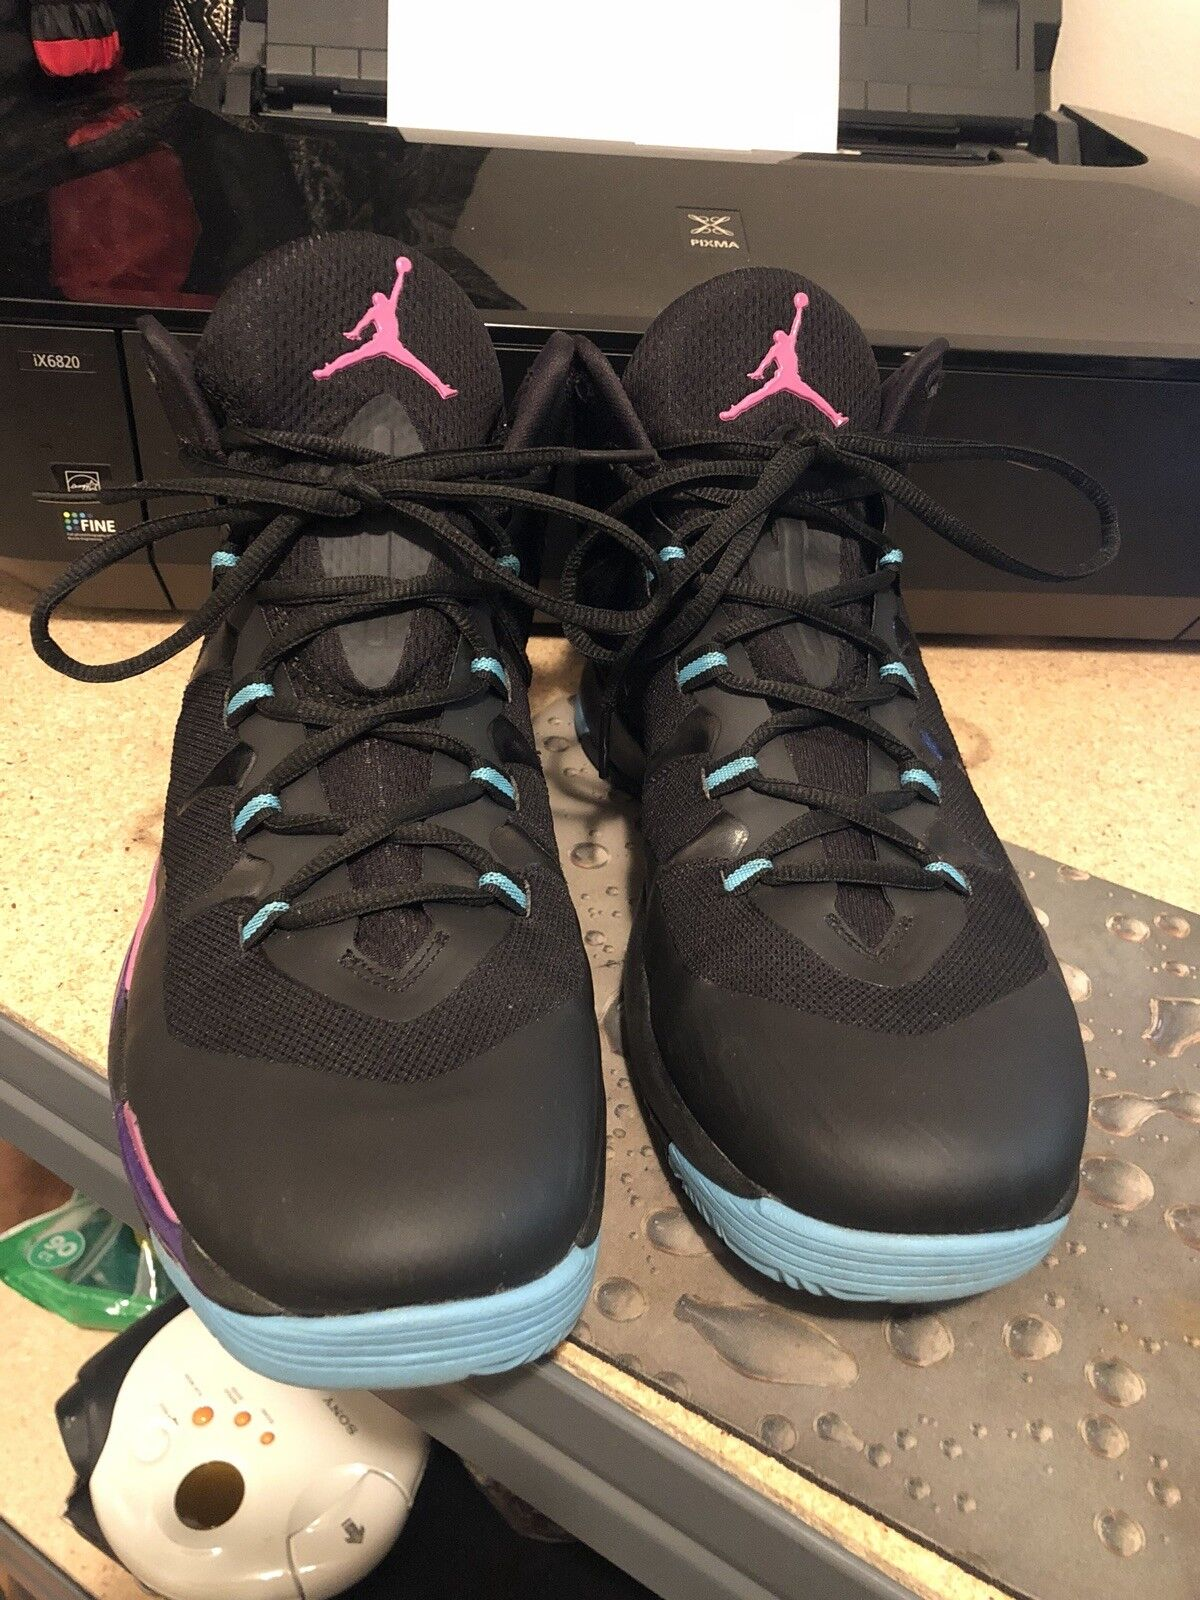 Nike männer ist jordan super. fliegen 2 schuhe schwarz / rosa / lila 599945-009 einst nett!